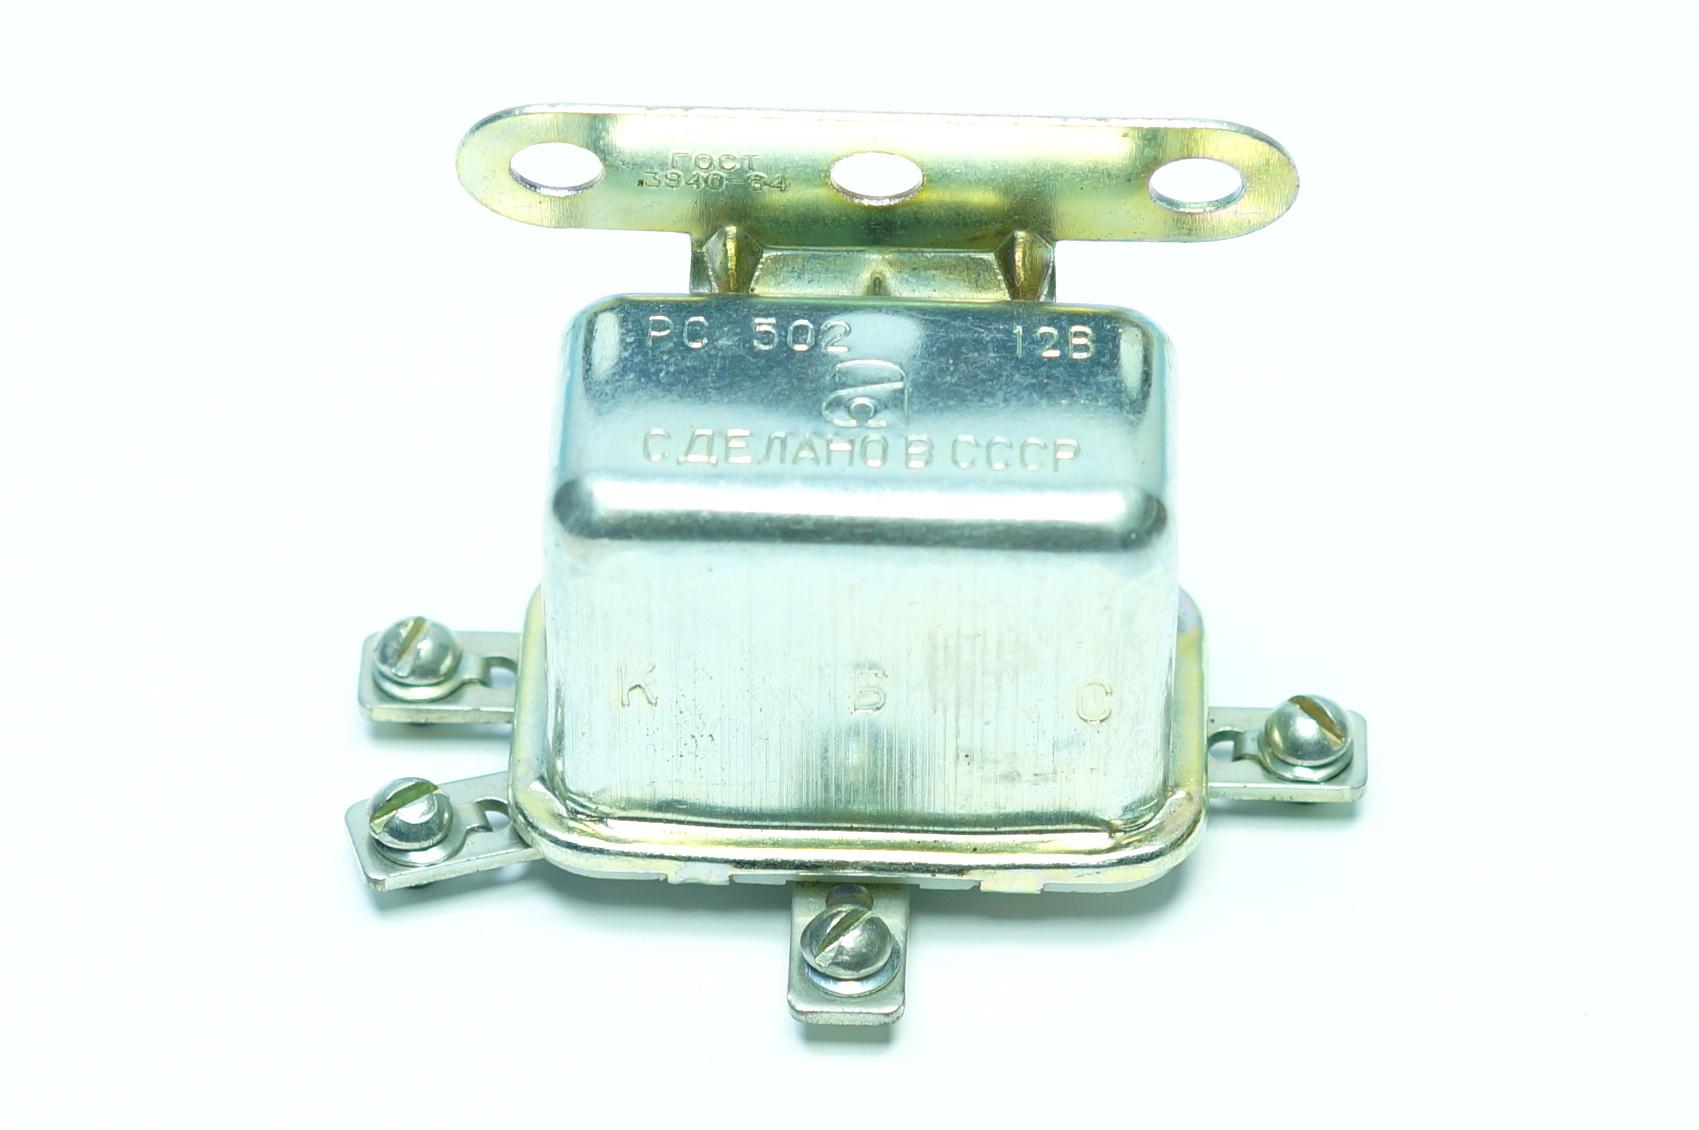 Реле стартера РС-502 Газ 21